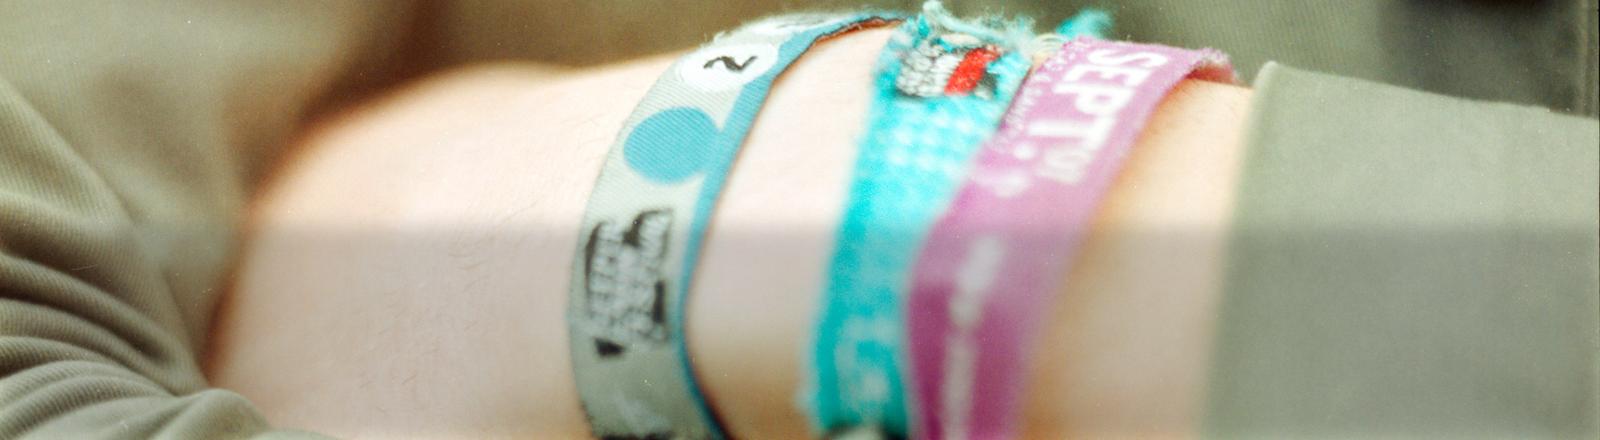 Ein Handgelenk mit verschiedenen Festivalbändchen.